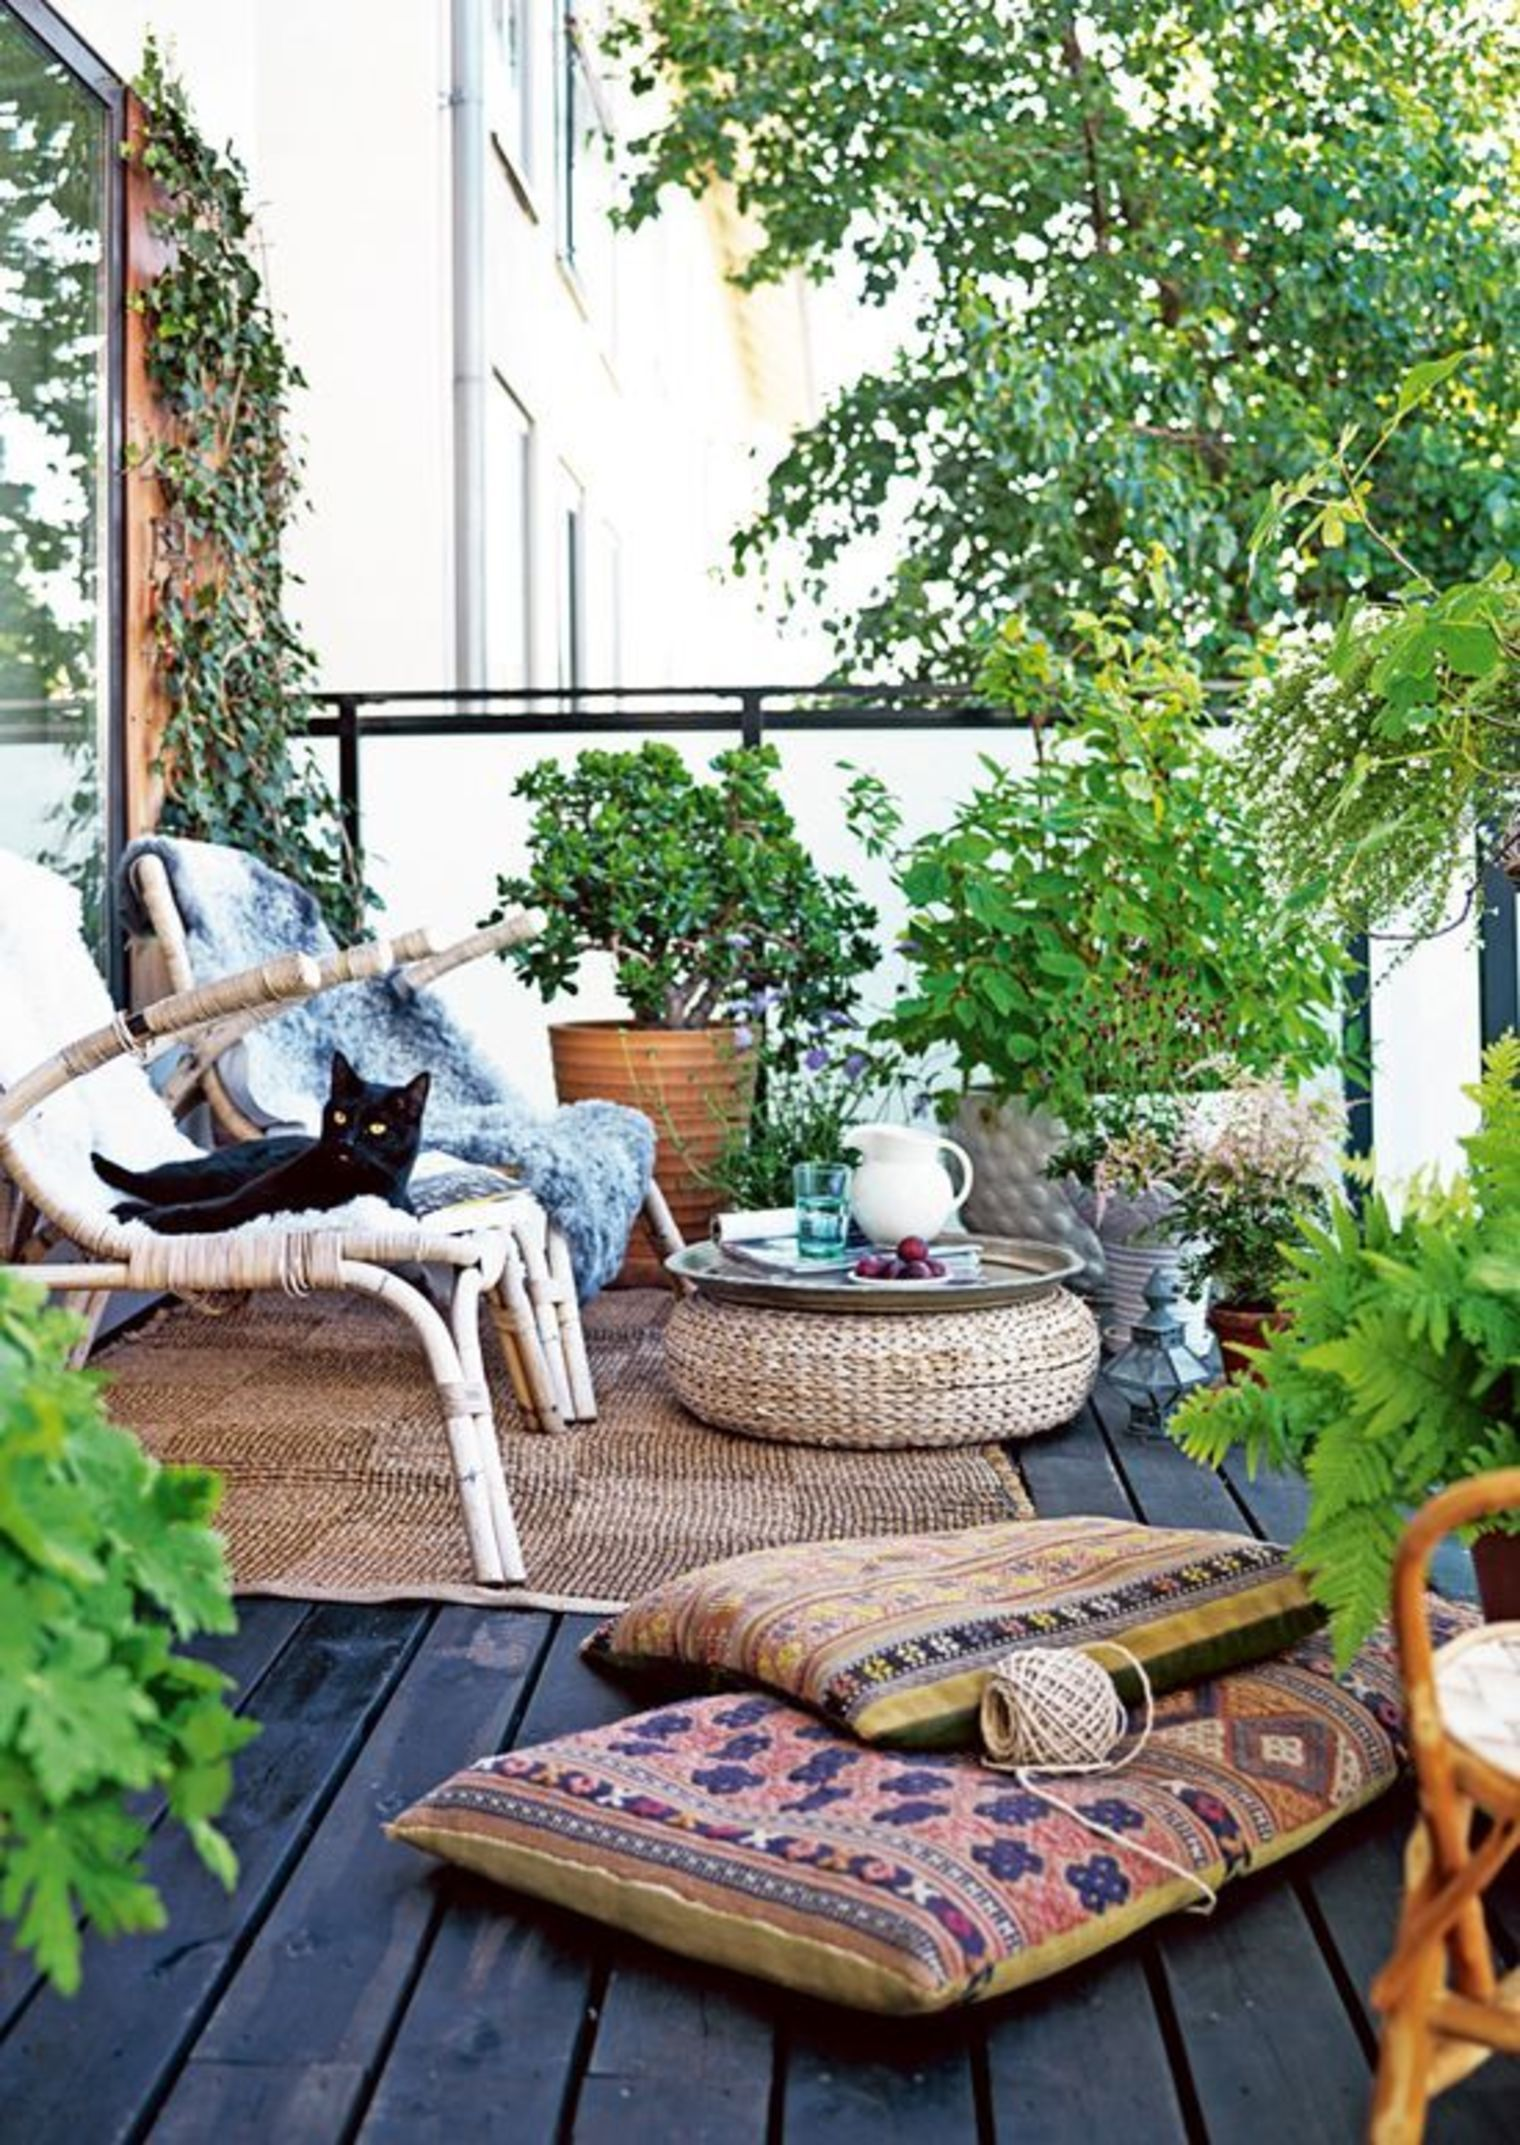 ambiance boh¨me et zen avec ces fauteuils en rotin sur la terrasse